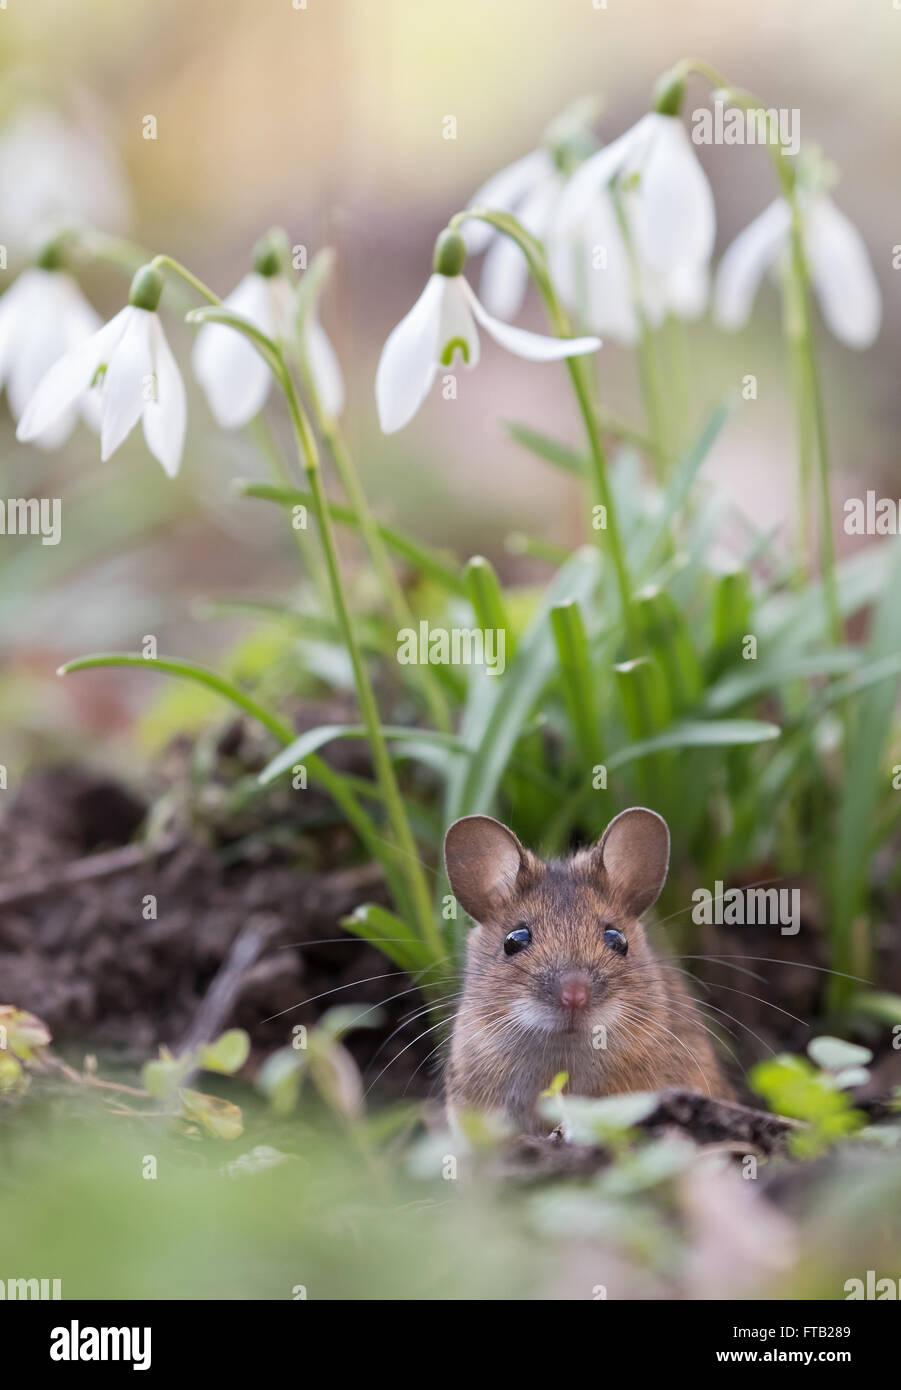 Souris domestique (Mus musculus) peeking out de son trou, Hesse, Allemagne Photo Stock